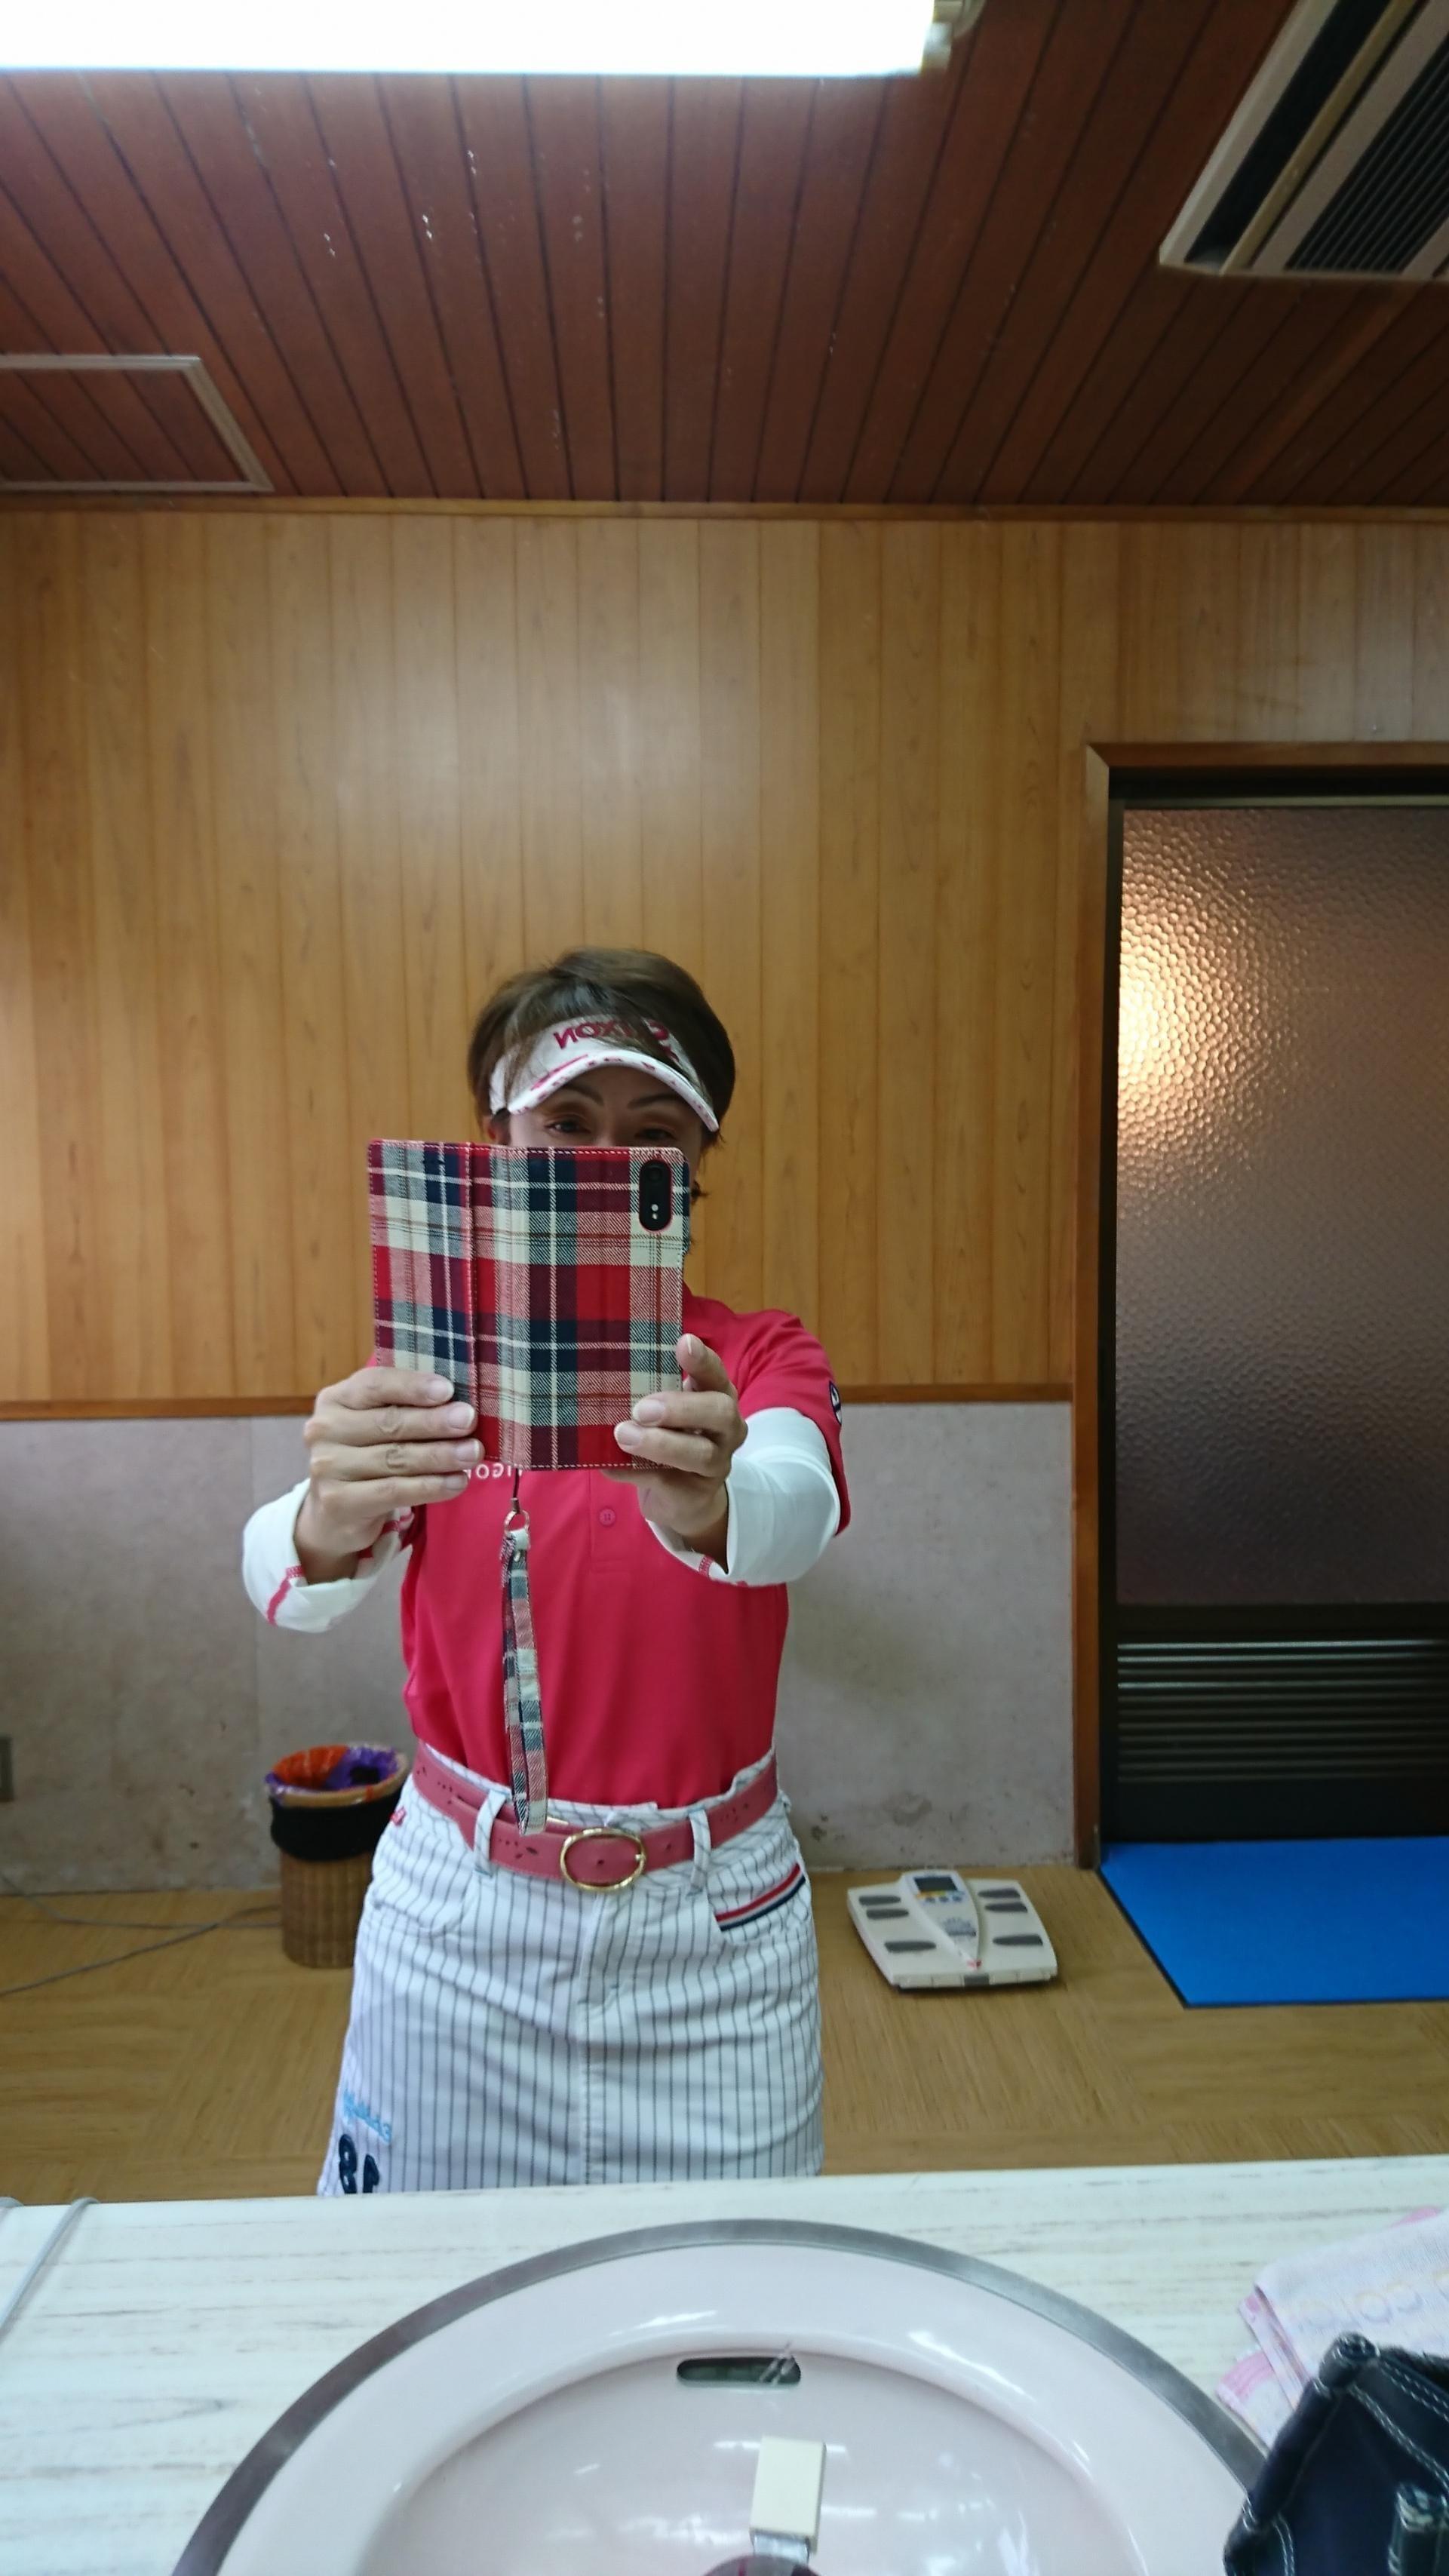 雨のゴルフ〜 10-24 02:20 | ゆきの写メ・風俗動画